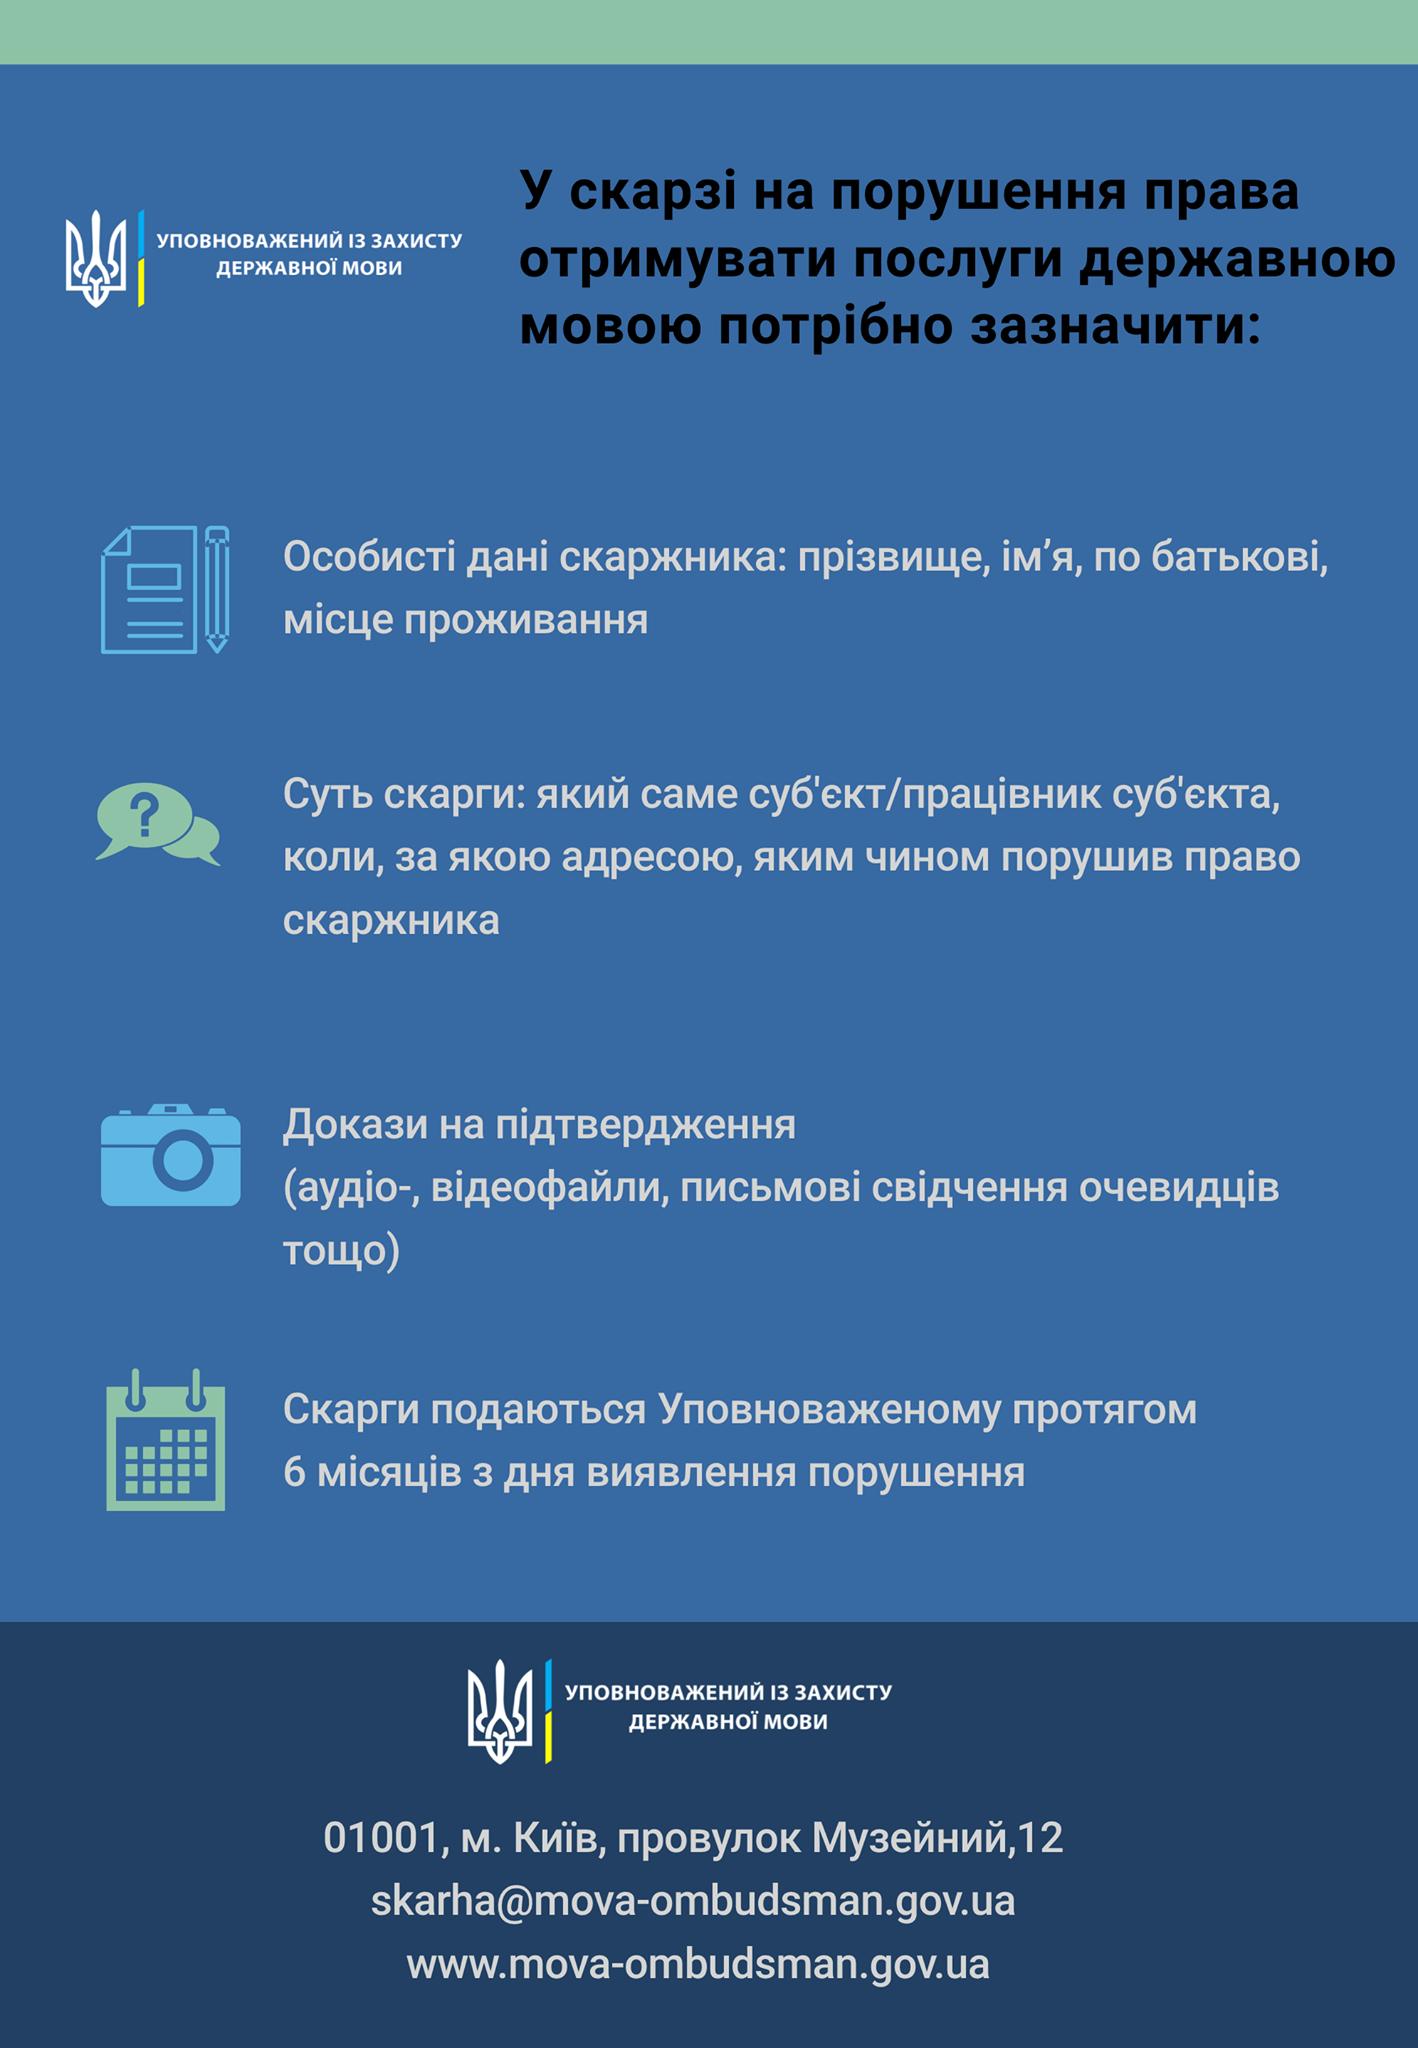 Сфера обслуживания сегодня перешла на украинский язык: что важно знать - фото 2